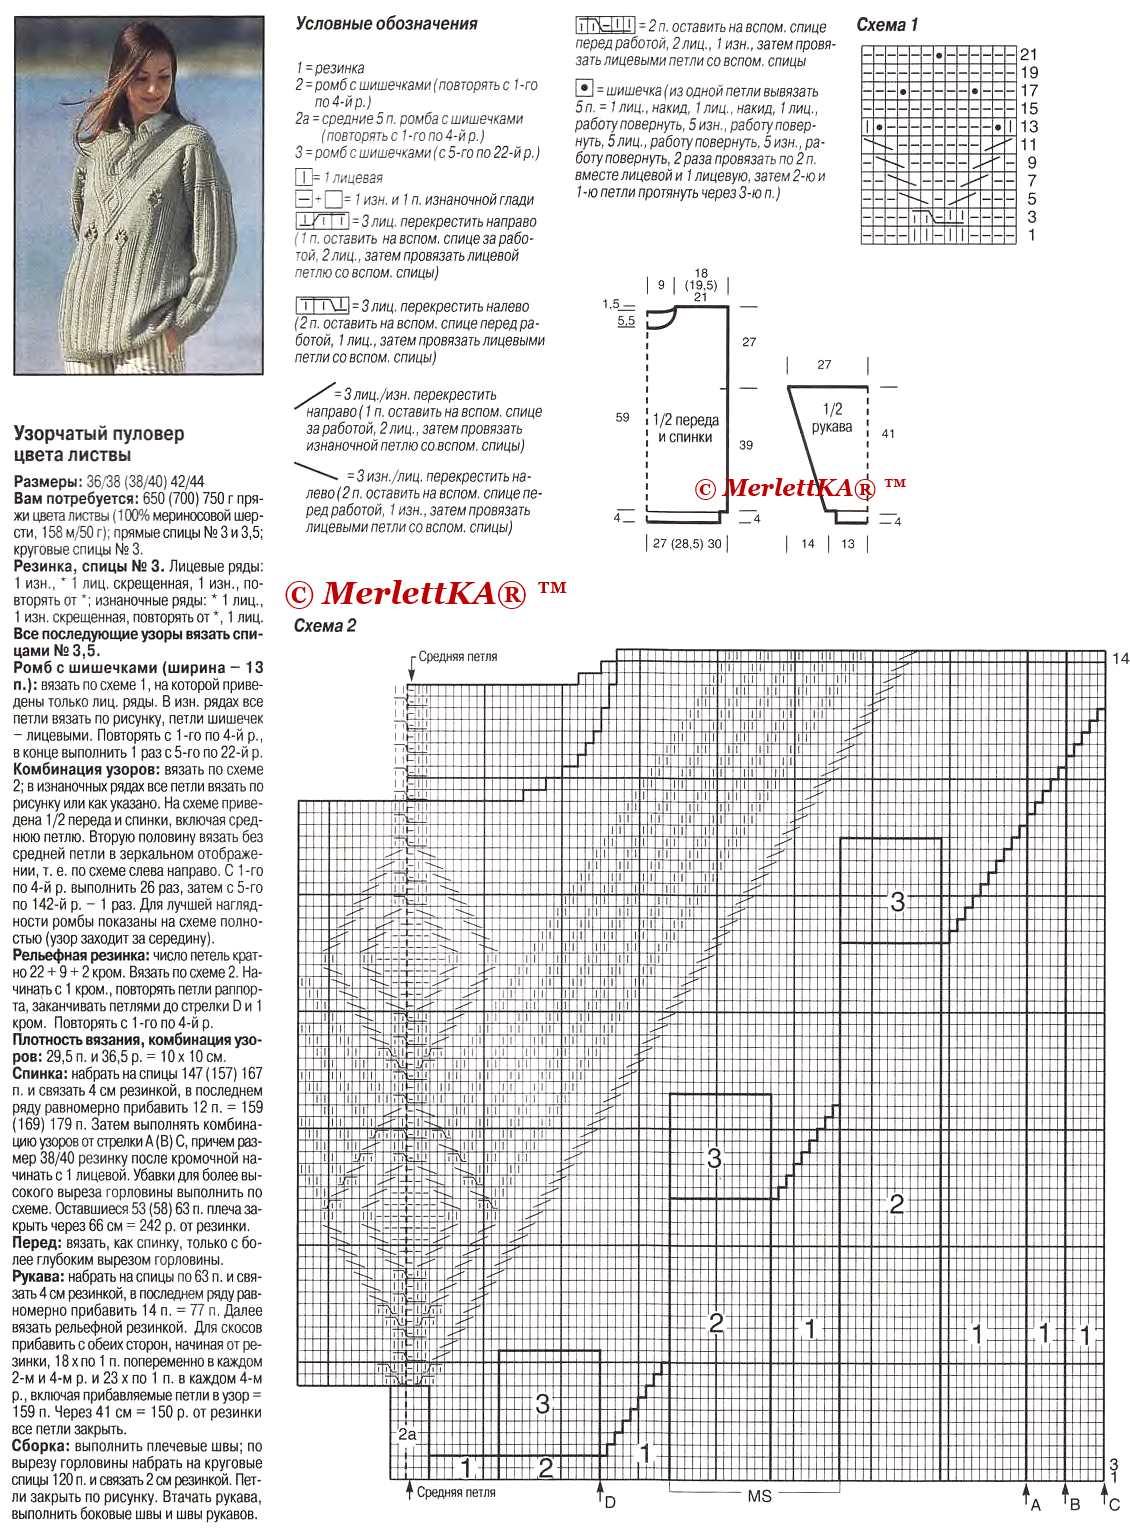 Женский свитер оверсайз спицами с описанием и схемами 2016